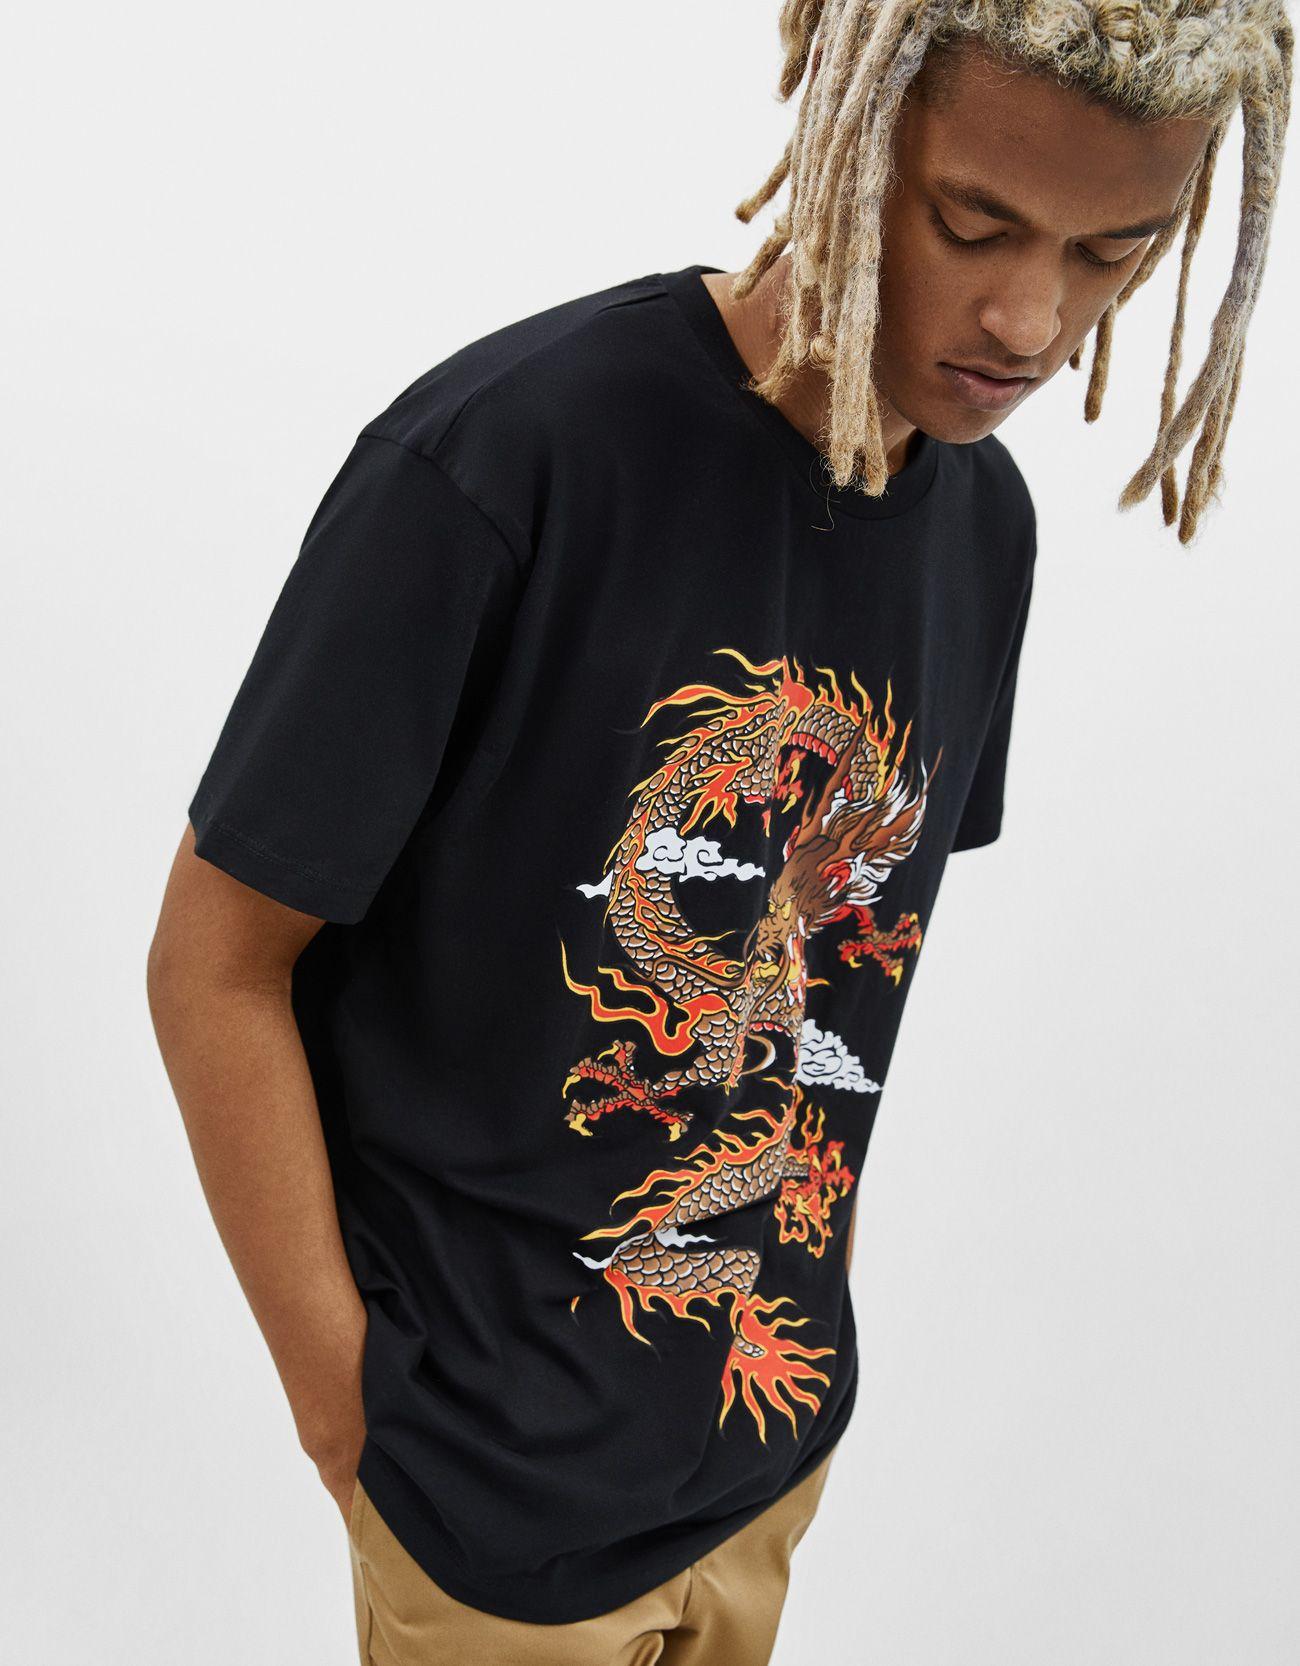 venta caliente real comprar oficial disfruta el precio de liquidación Camiseta con estampado dragón | MOTHER OF T-SHIRTS ...